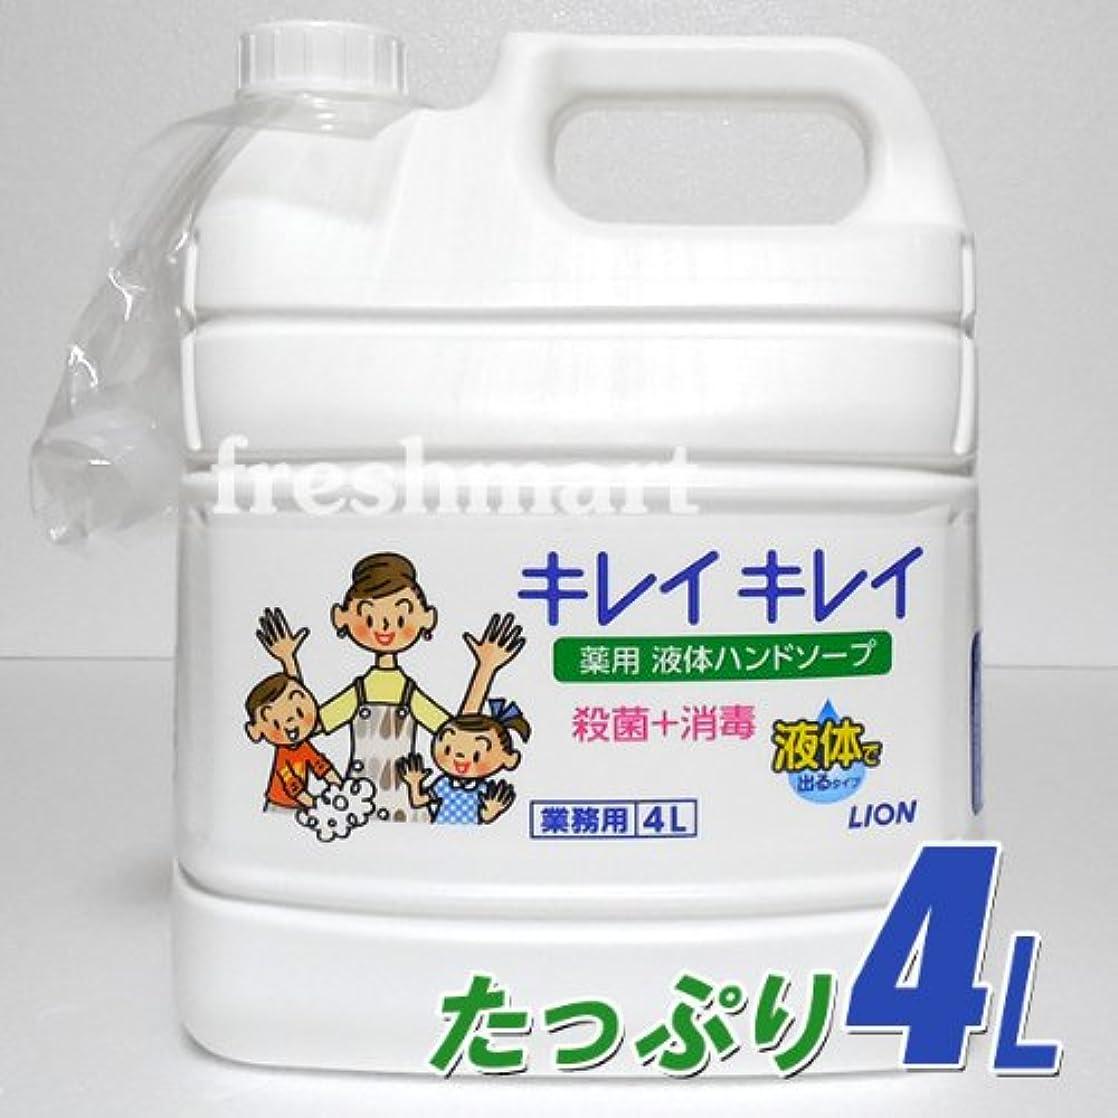 役割中世のサバント☆100%植物性洗浄成分使用☆ ライオン キレイキレイ 薬用液体ハンドソープ つめかえ用4L 業務用 大容量 ボトル